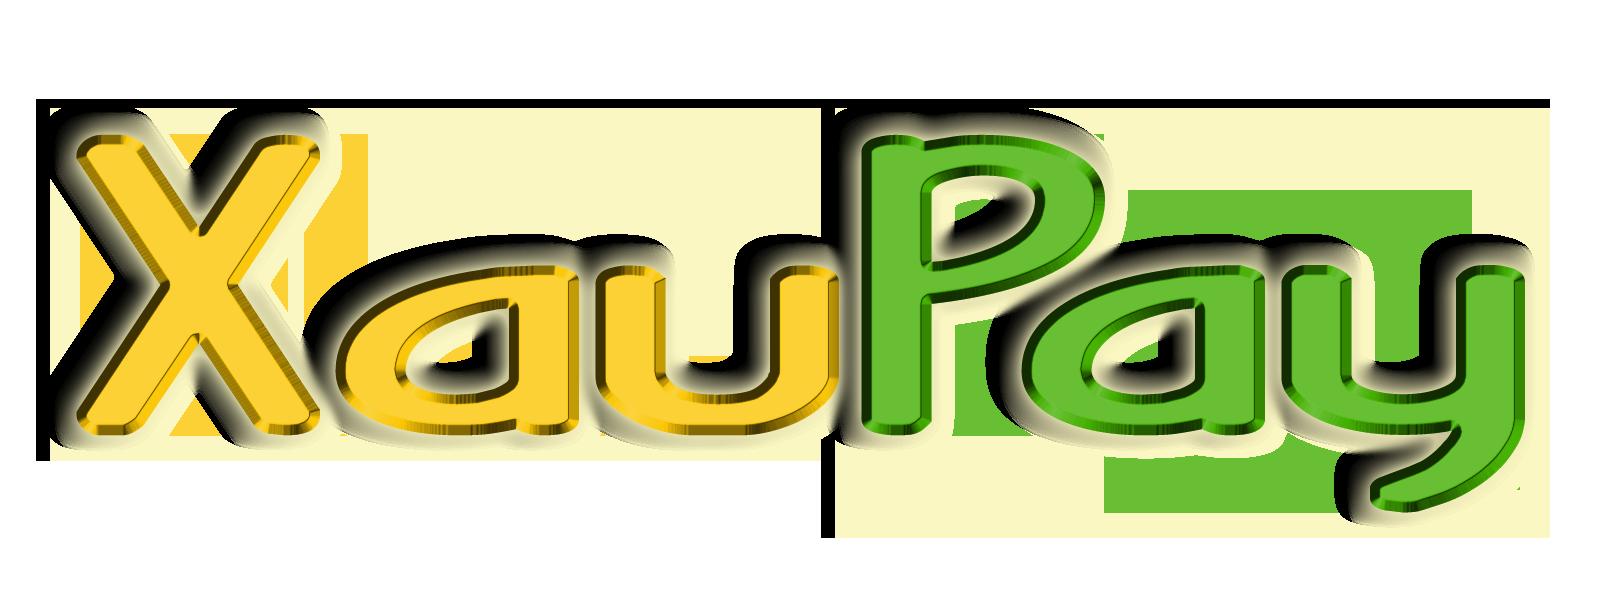 xaupay2